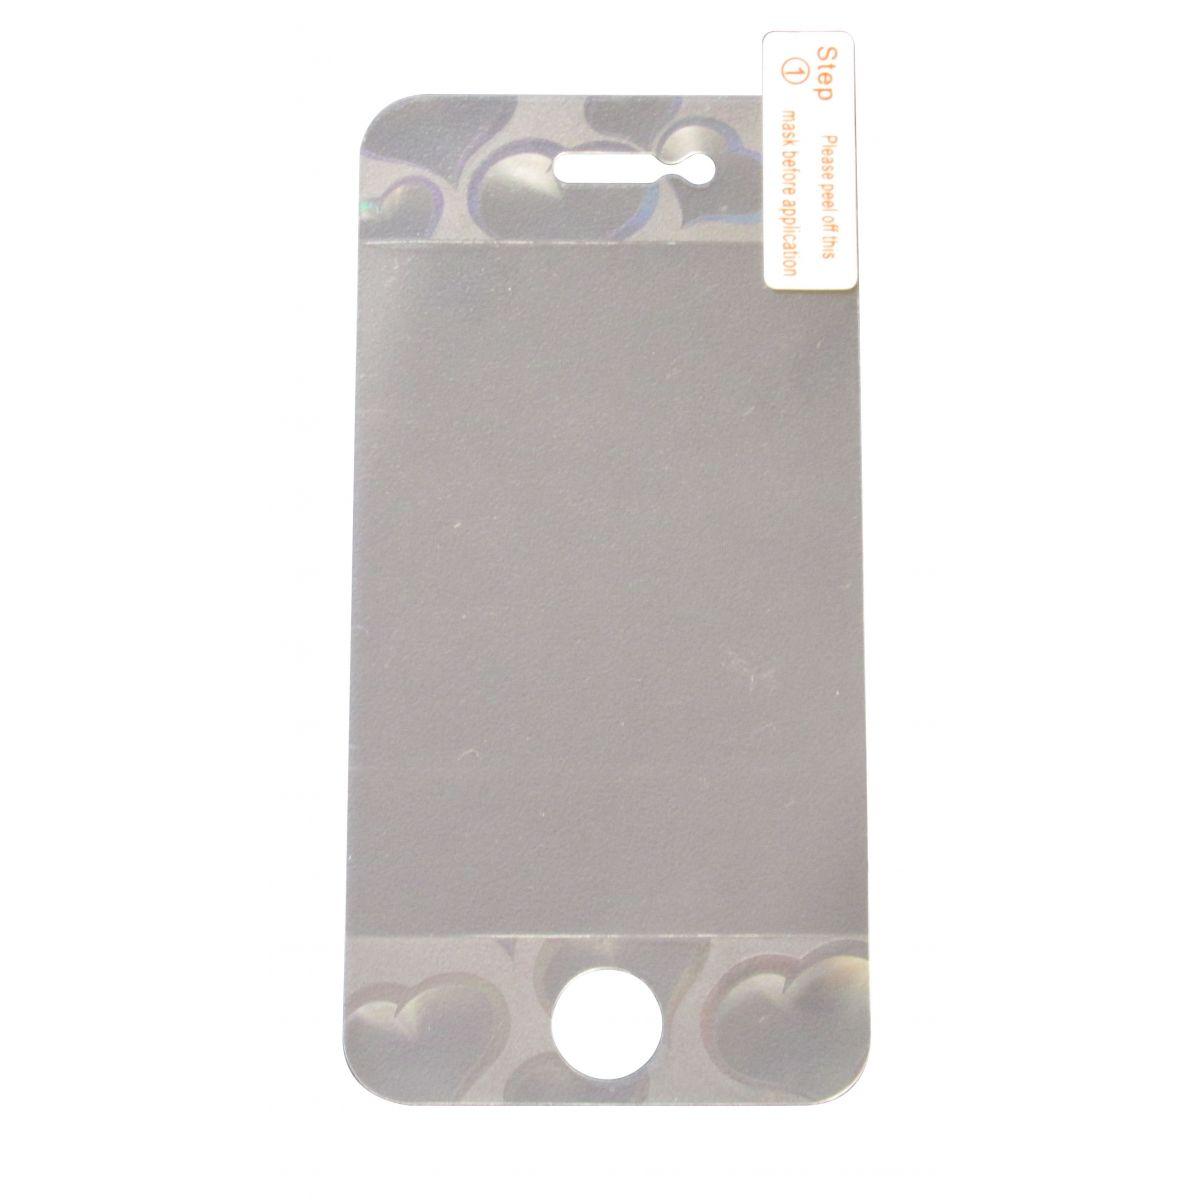 Pelicula Protetora para Apple Iphone 4 4S com Relevo em 3D Frente e Verso - Corações